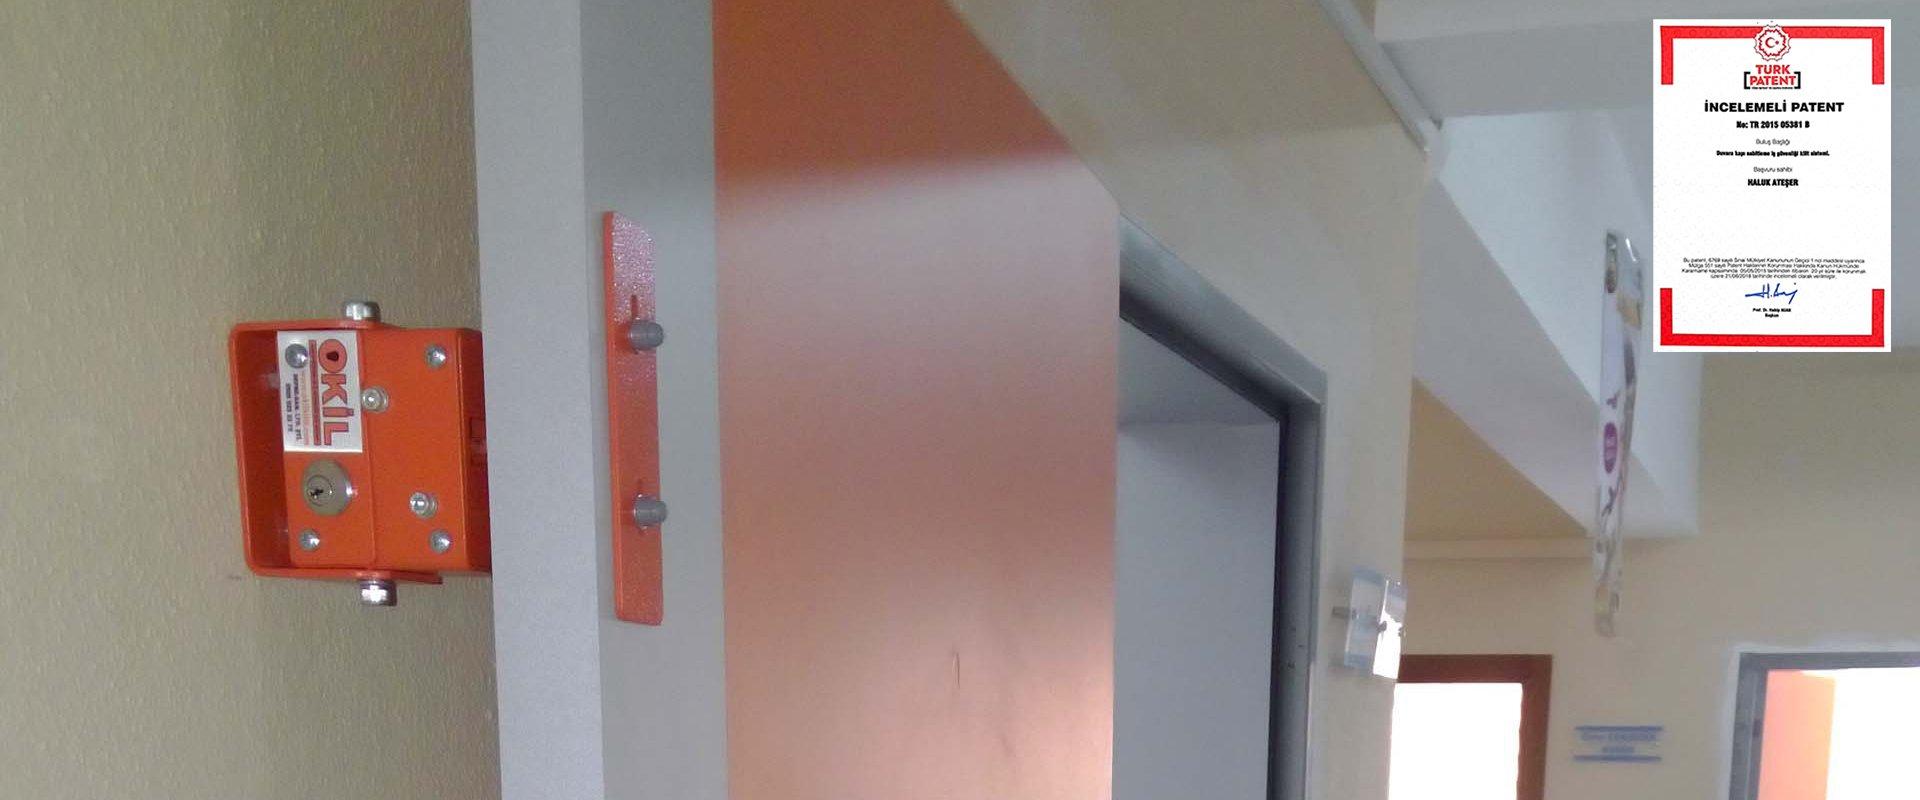 Oda güvenliği için kilitli kilit